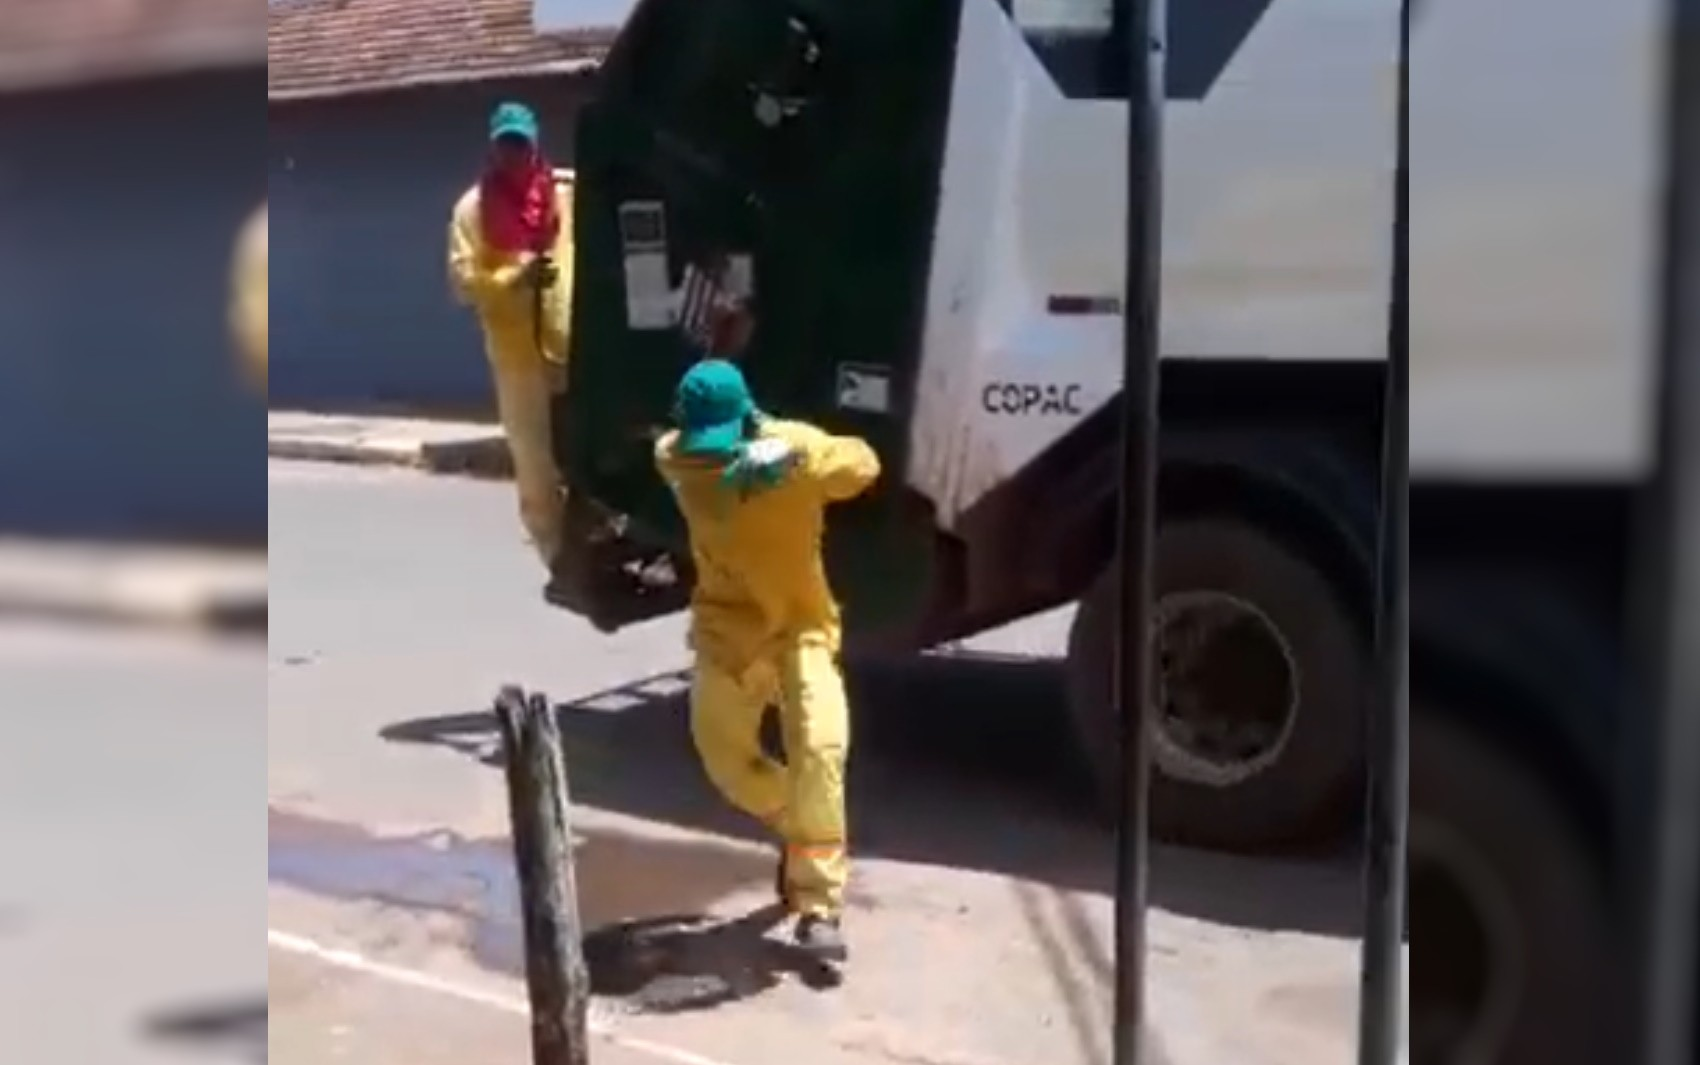 Coletor de lixo dança durante o trabalho e bomba na web; vídeo